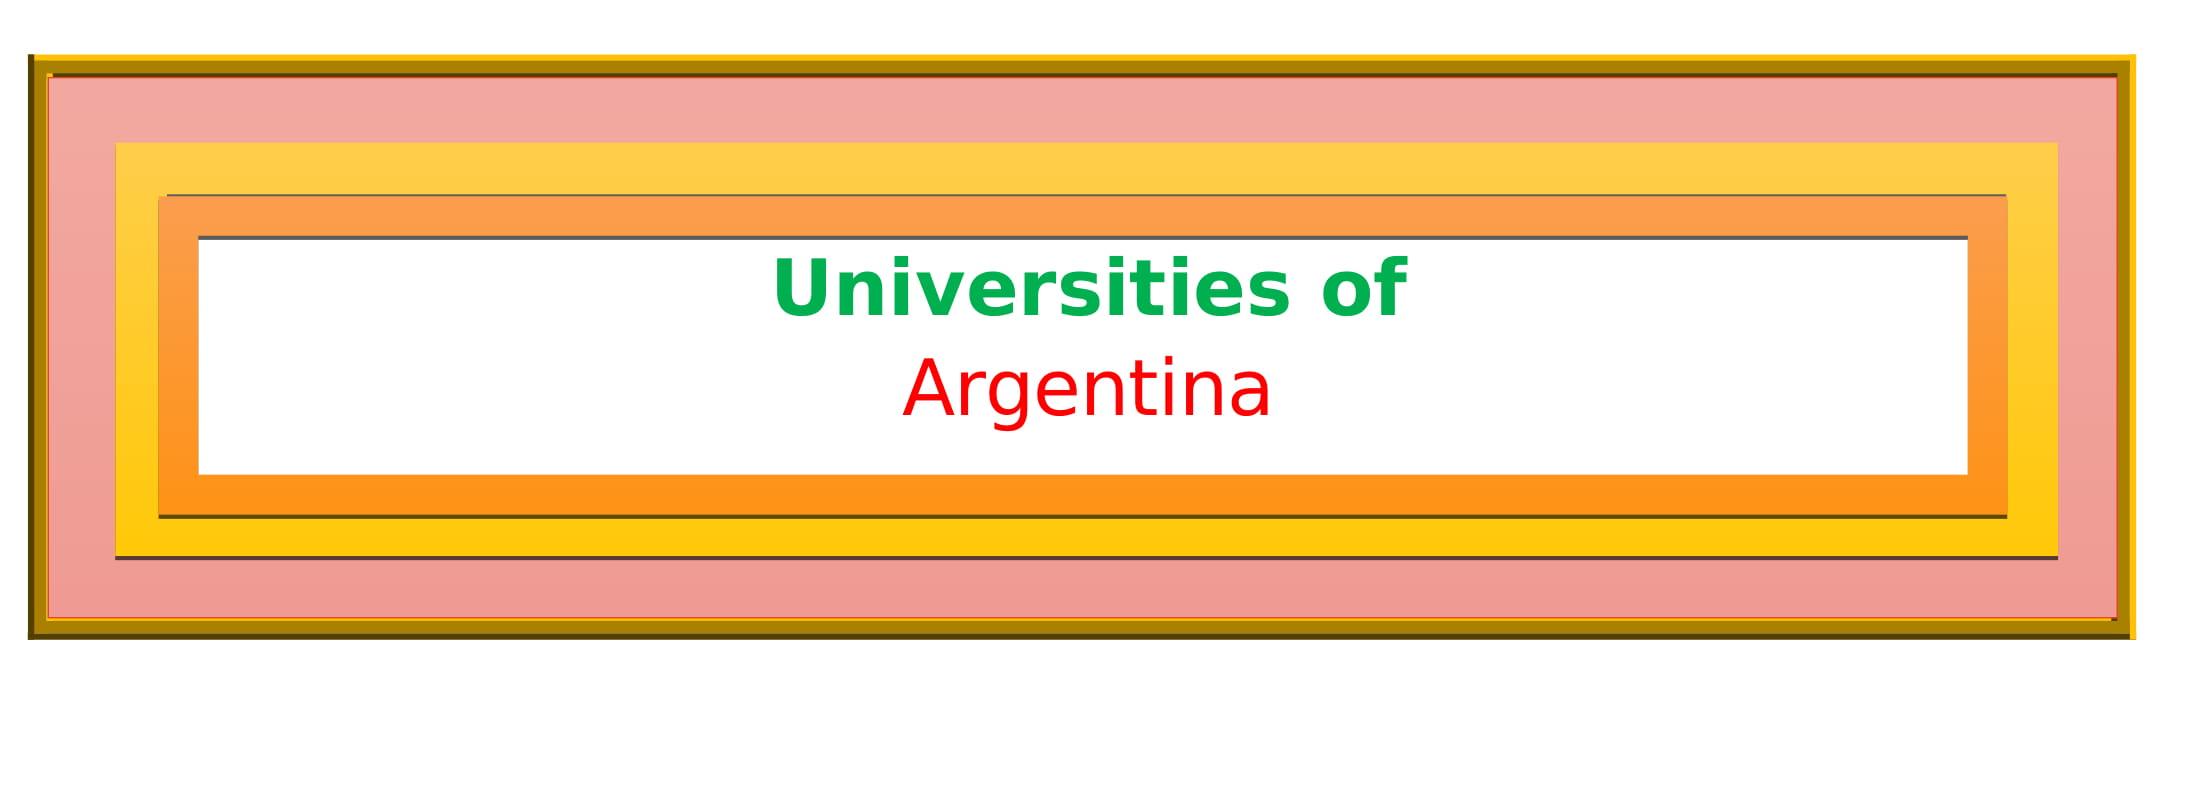 List of Universities in Argentina